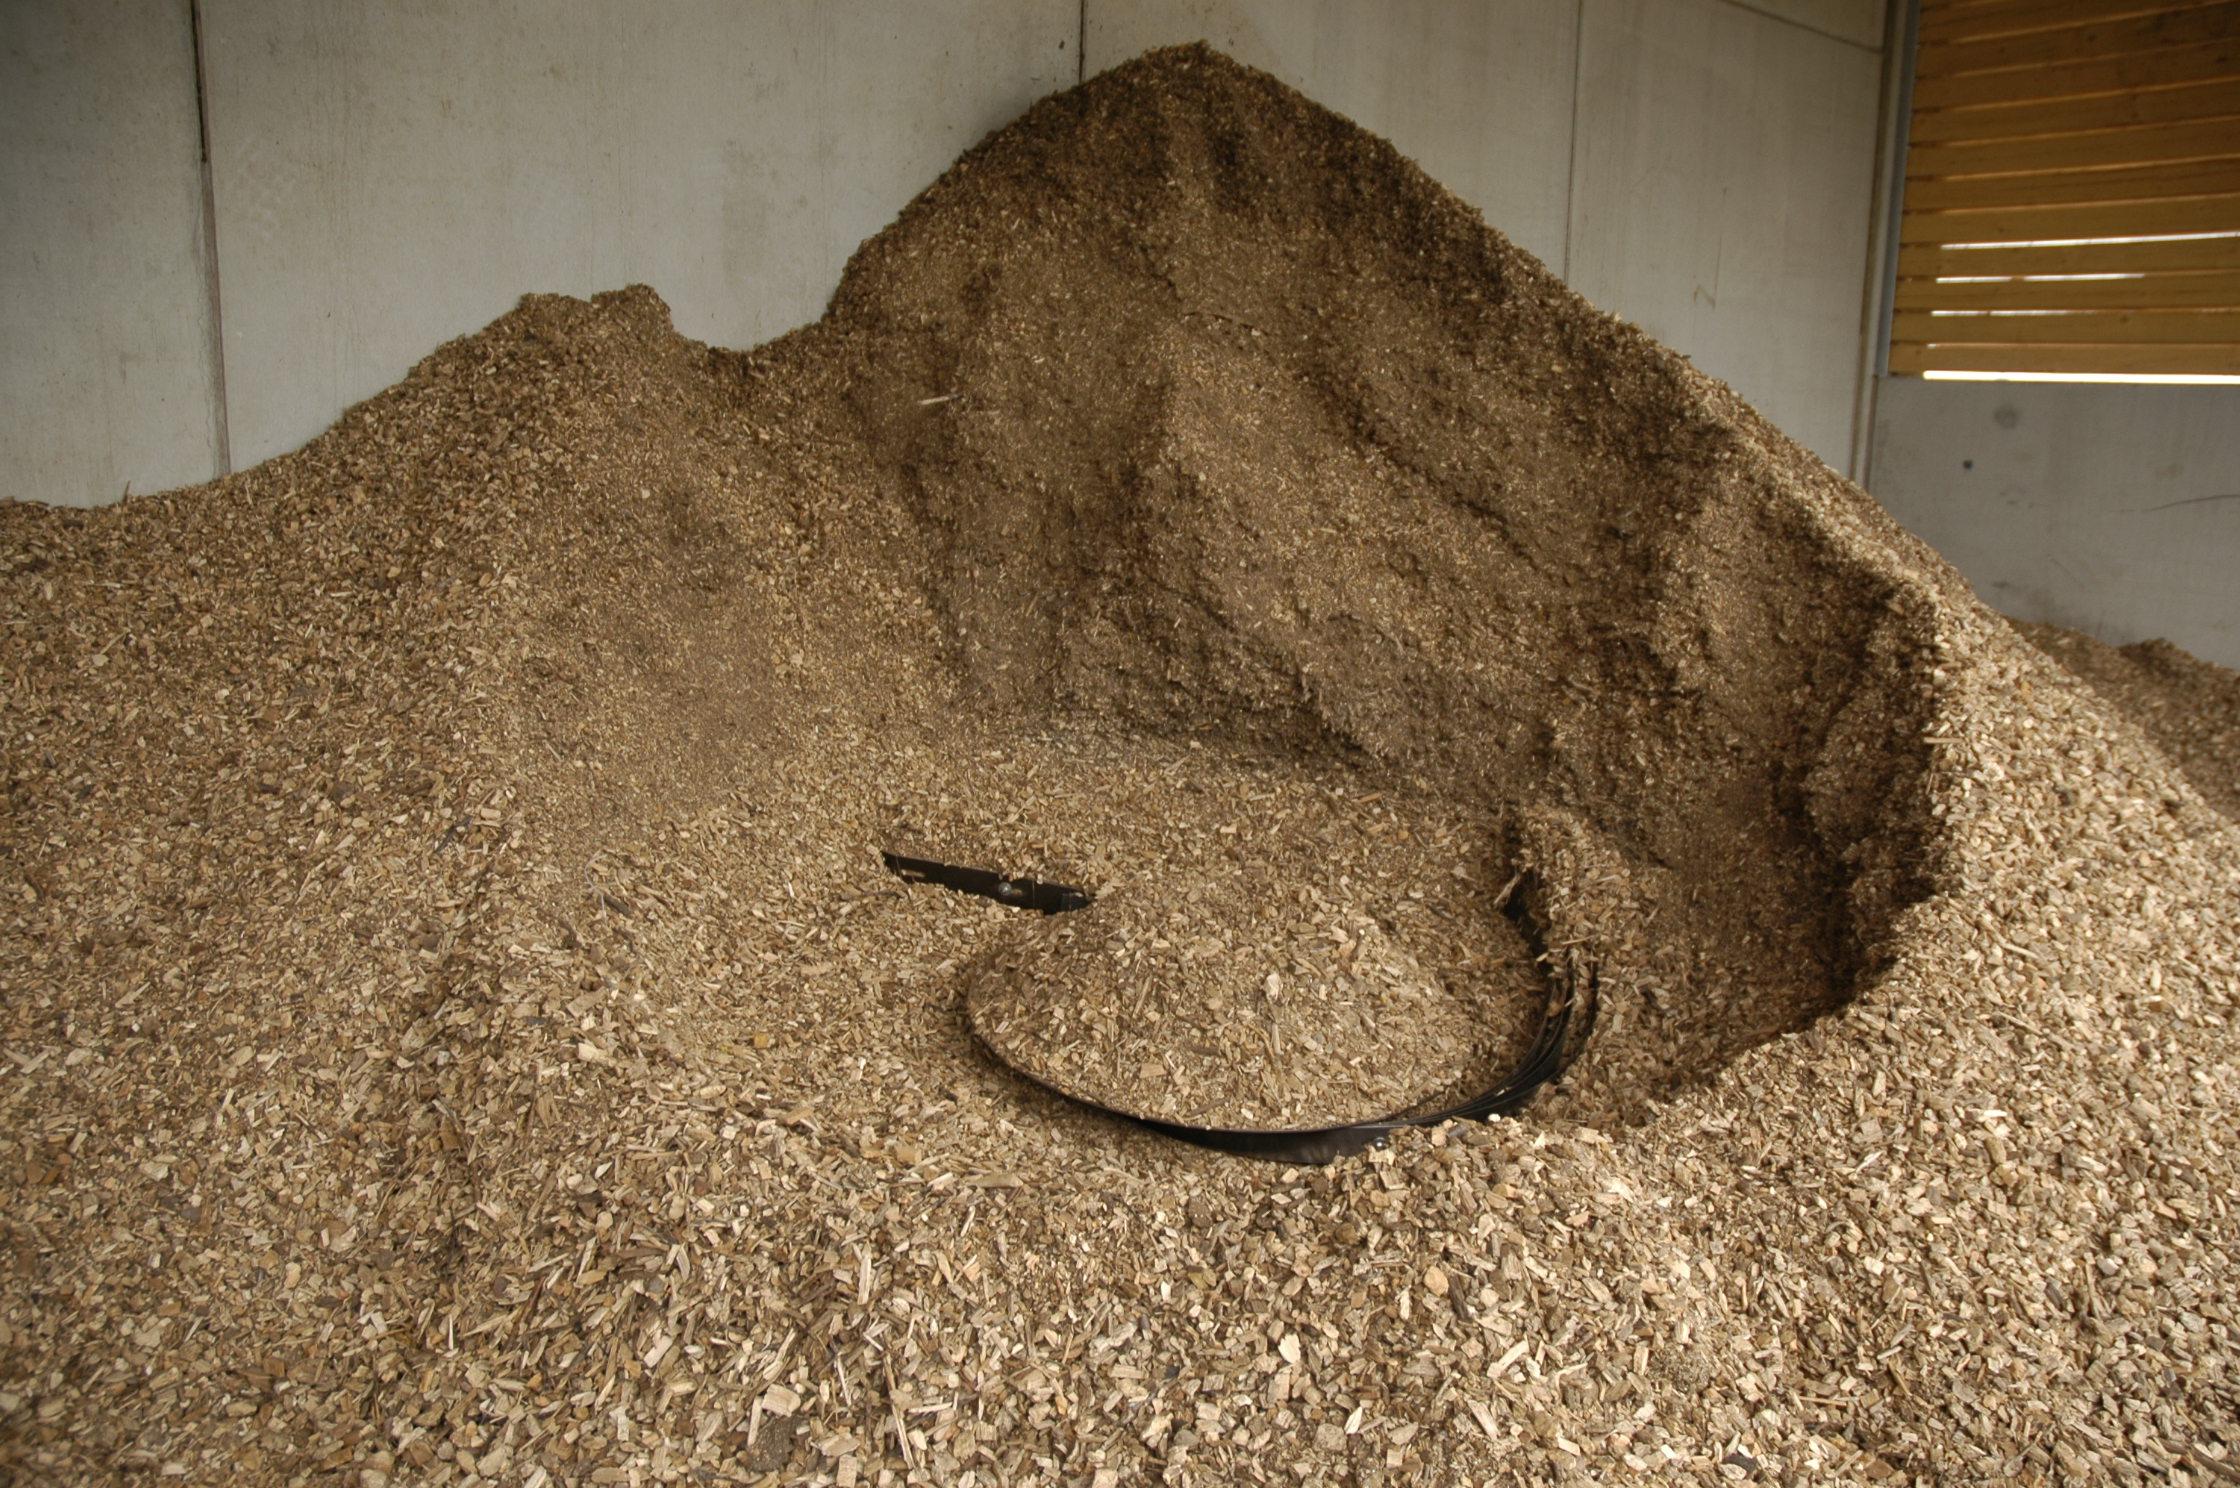 Biomasseheizwerk – Wikipedia